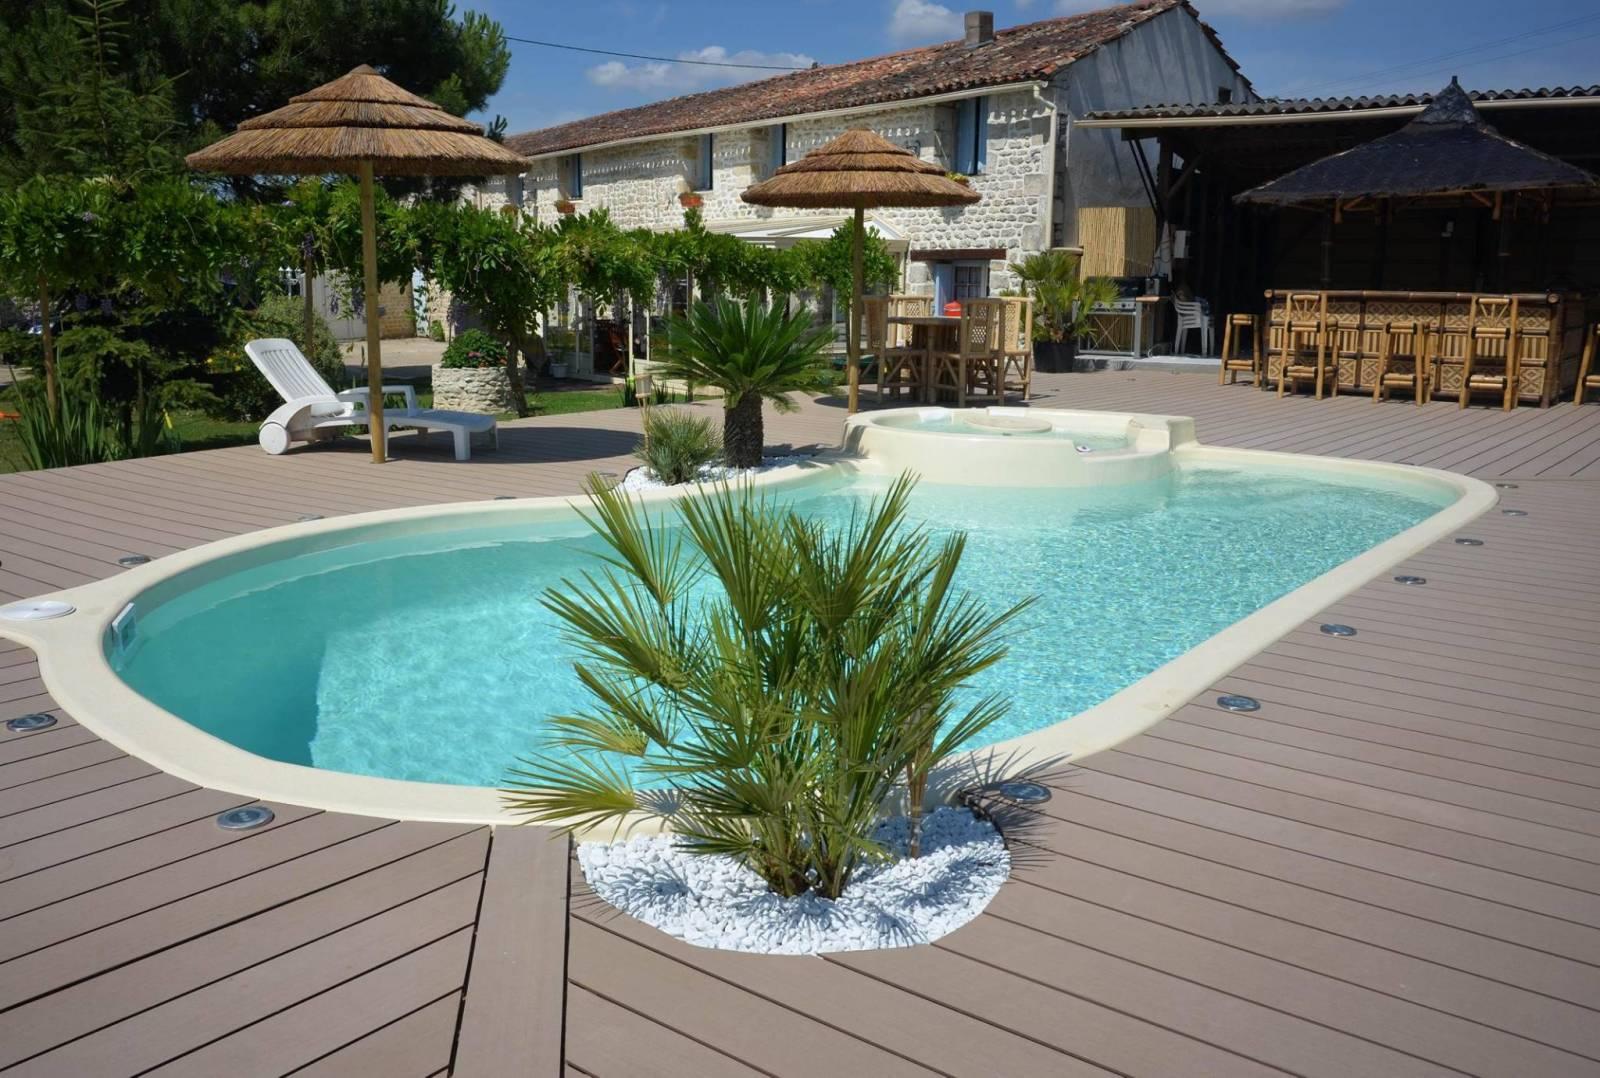 Piscine coque languedoc freedom sp cialiste de la for Accessoire piscine lunel